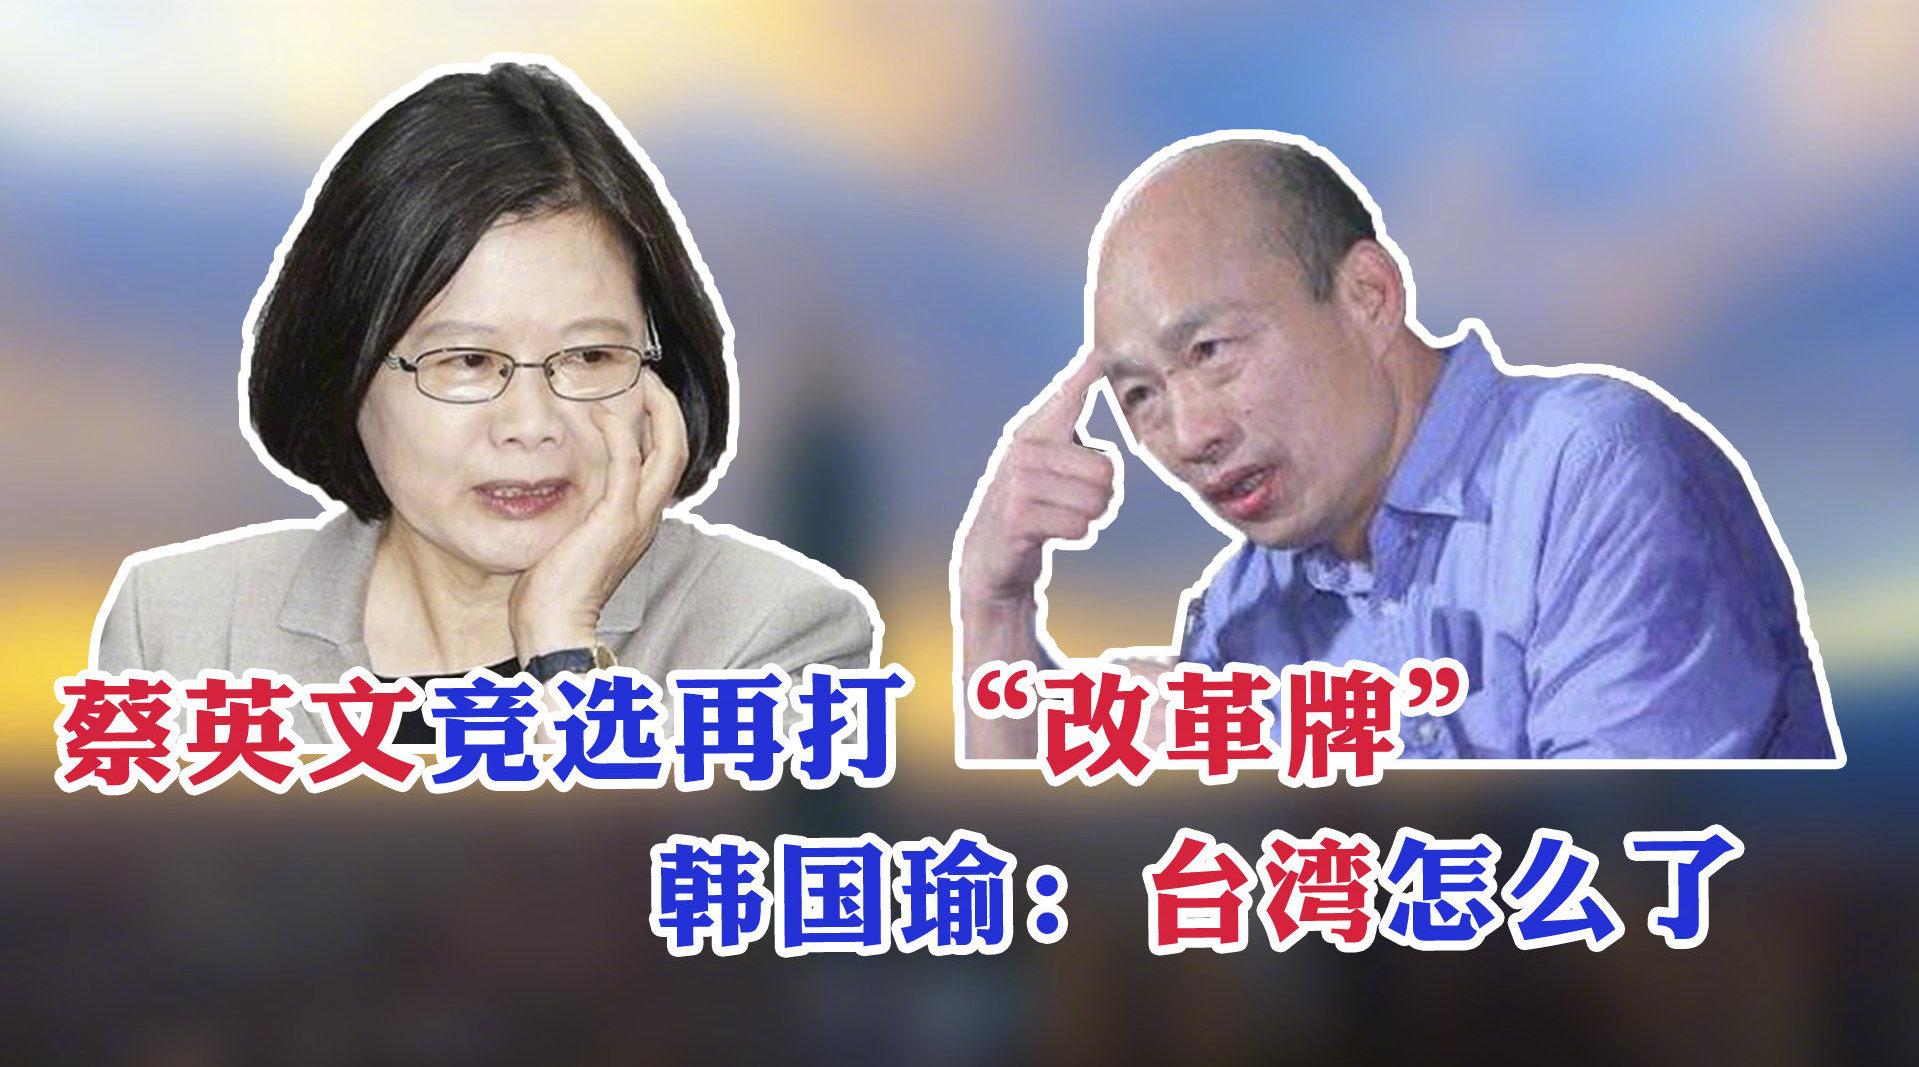 """蔡英文竞选再打""""改革牌"""";韩国瑜感叹台湾到底怎么了"""